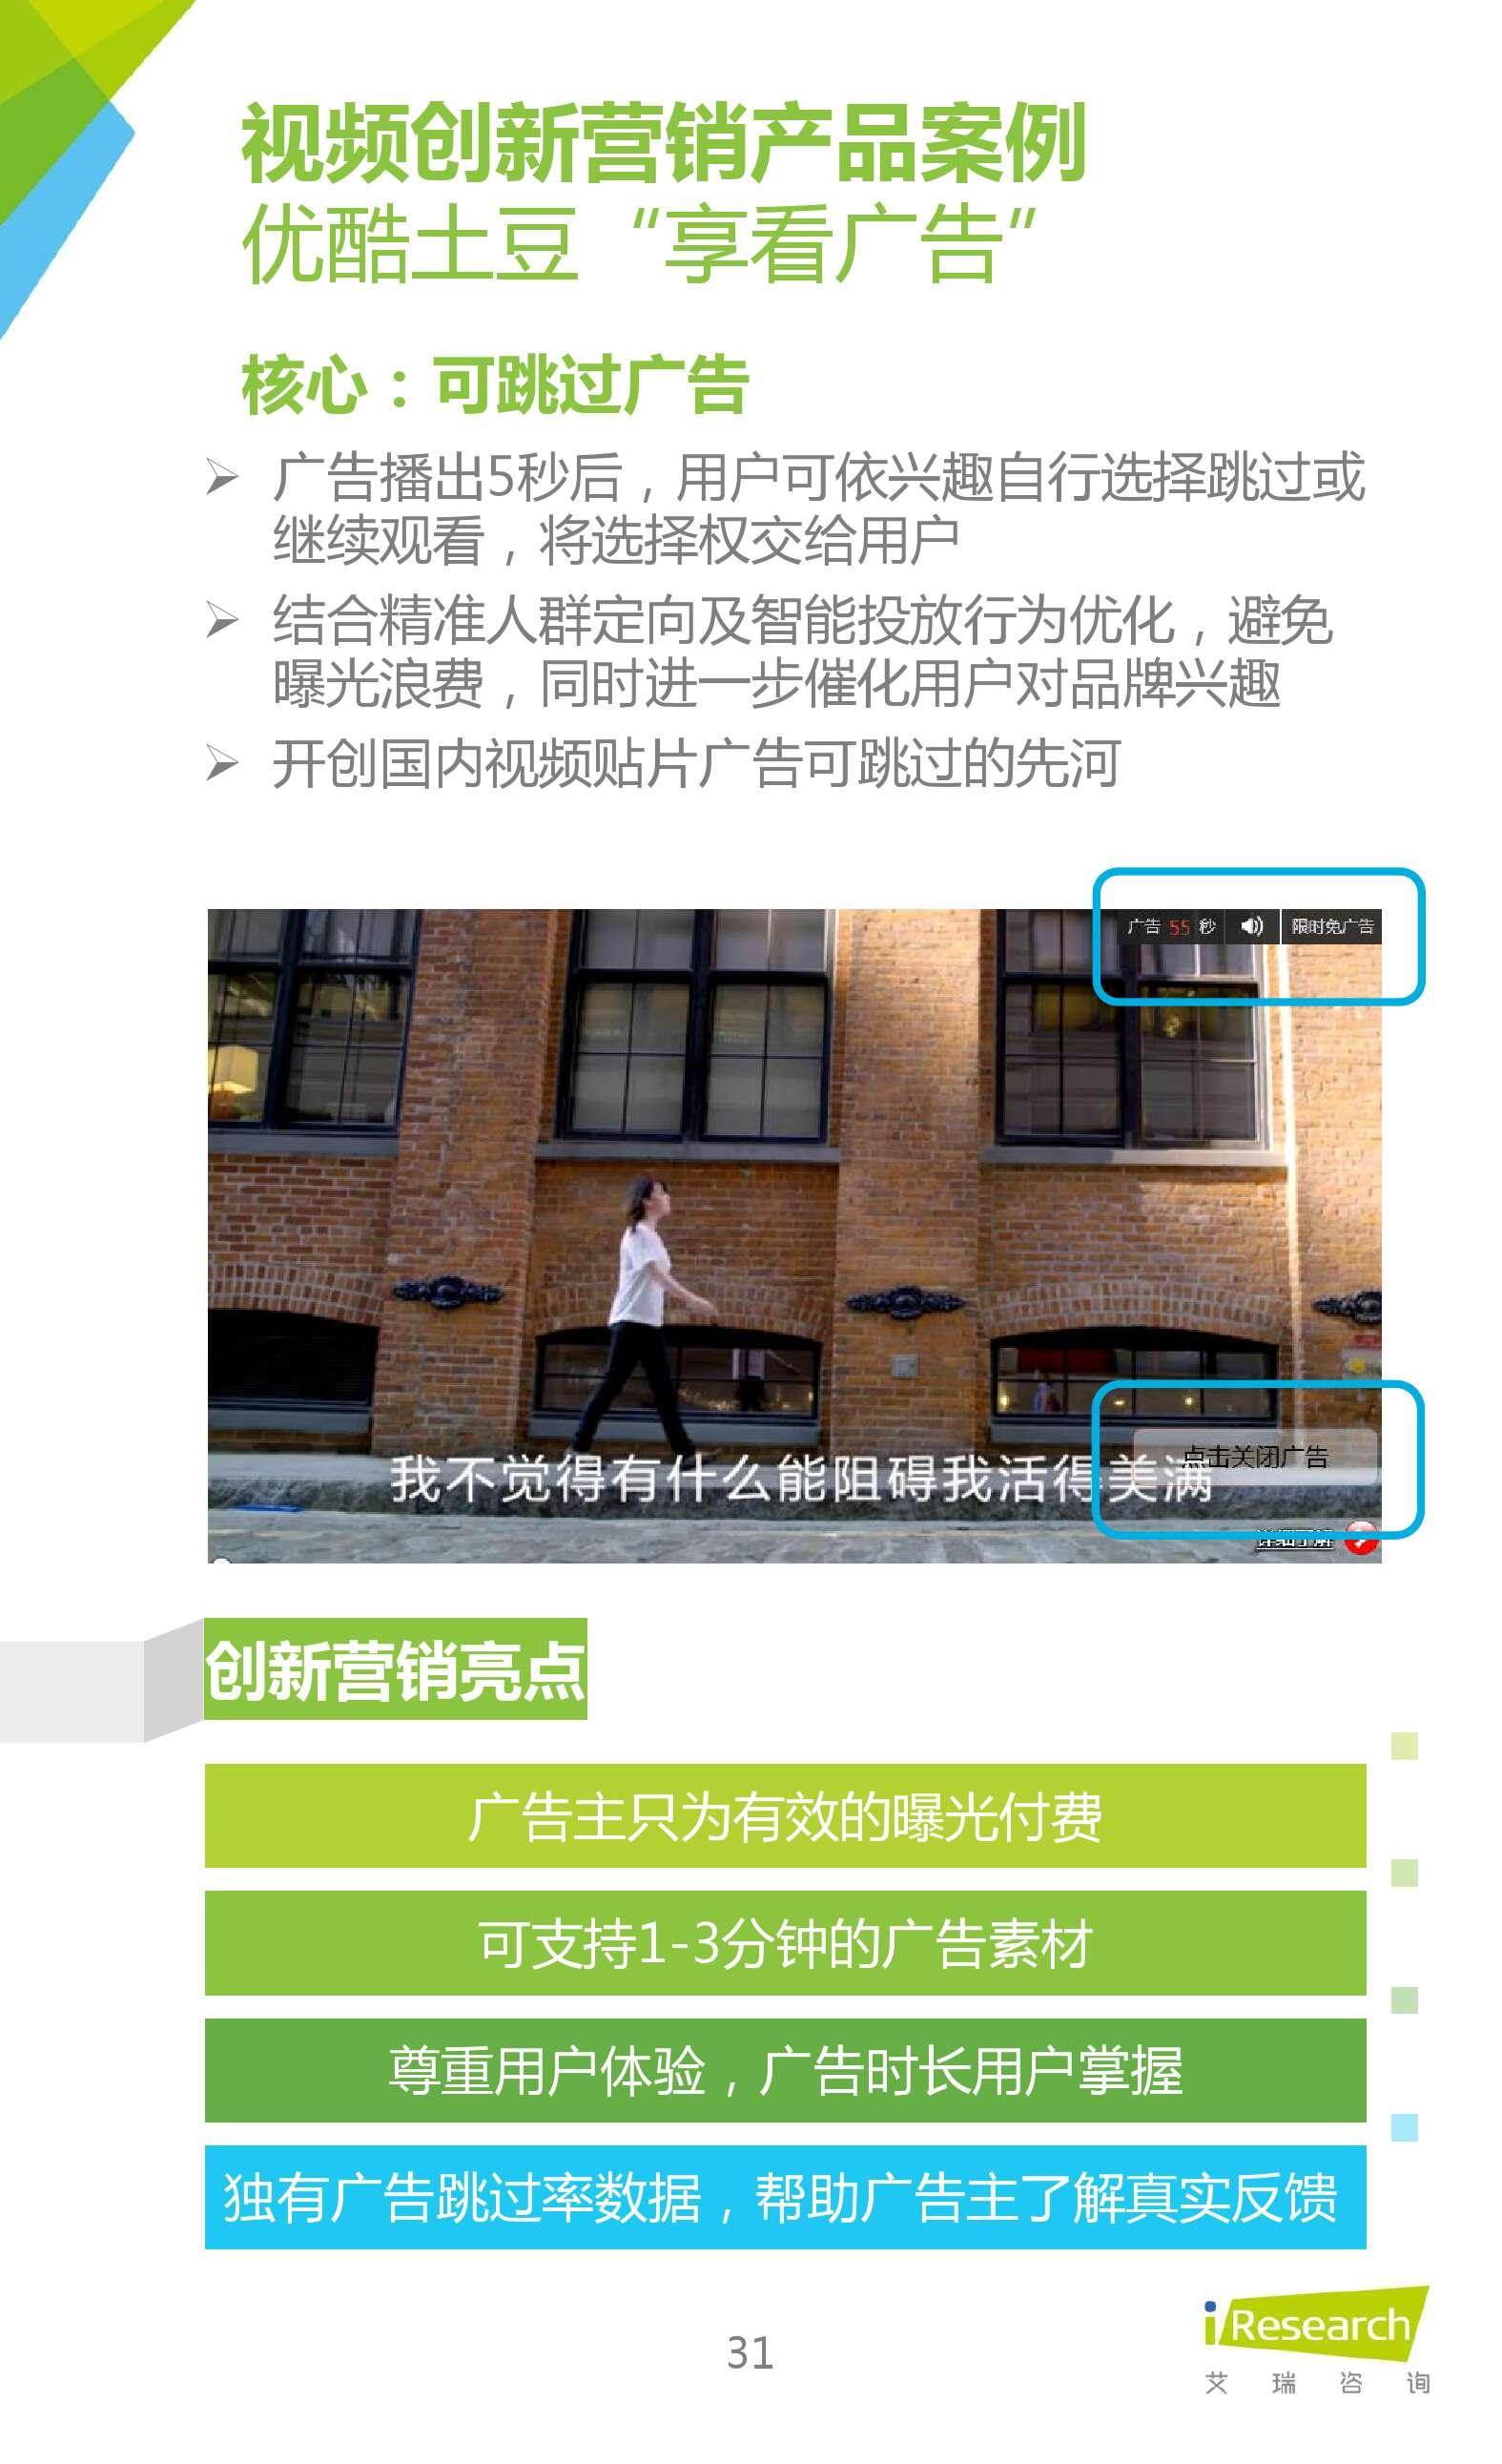 2016年中国在线视频企业创新营销研究_000031